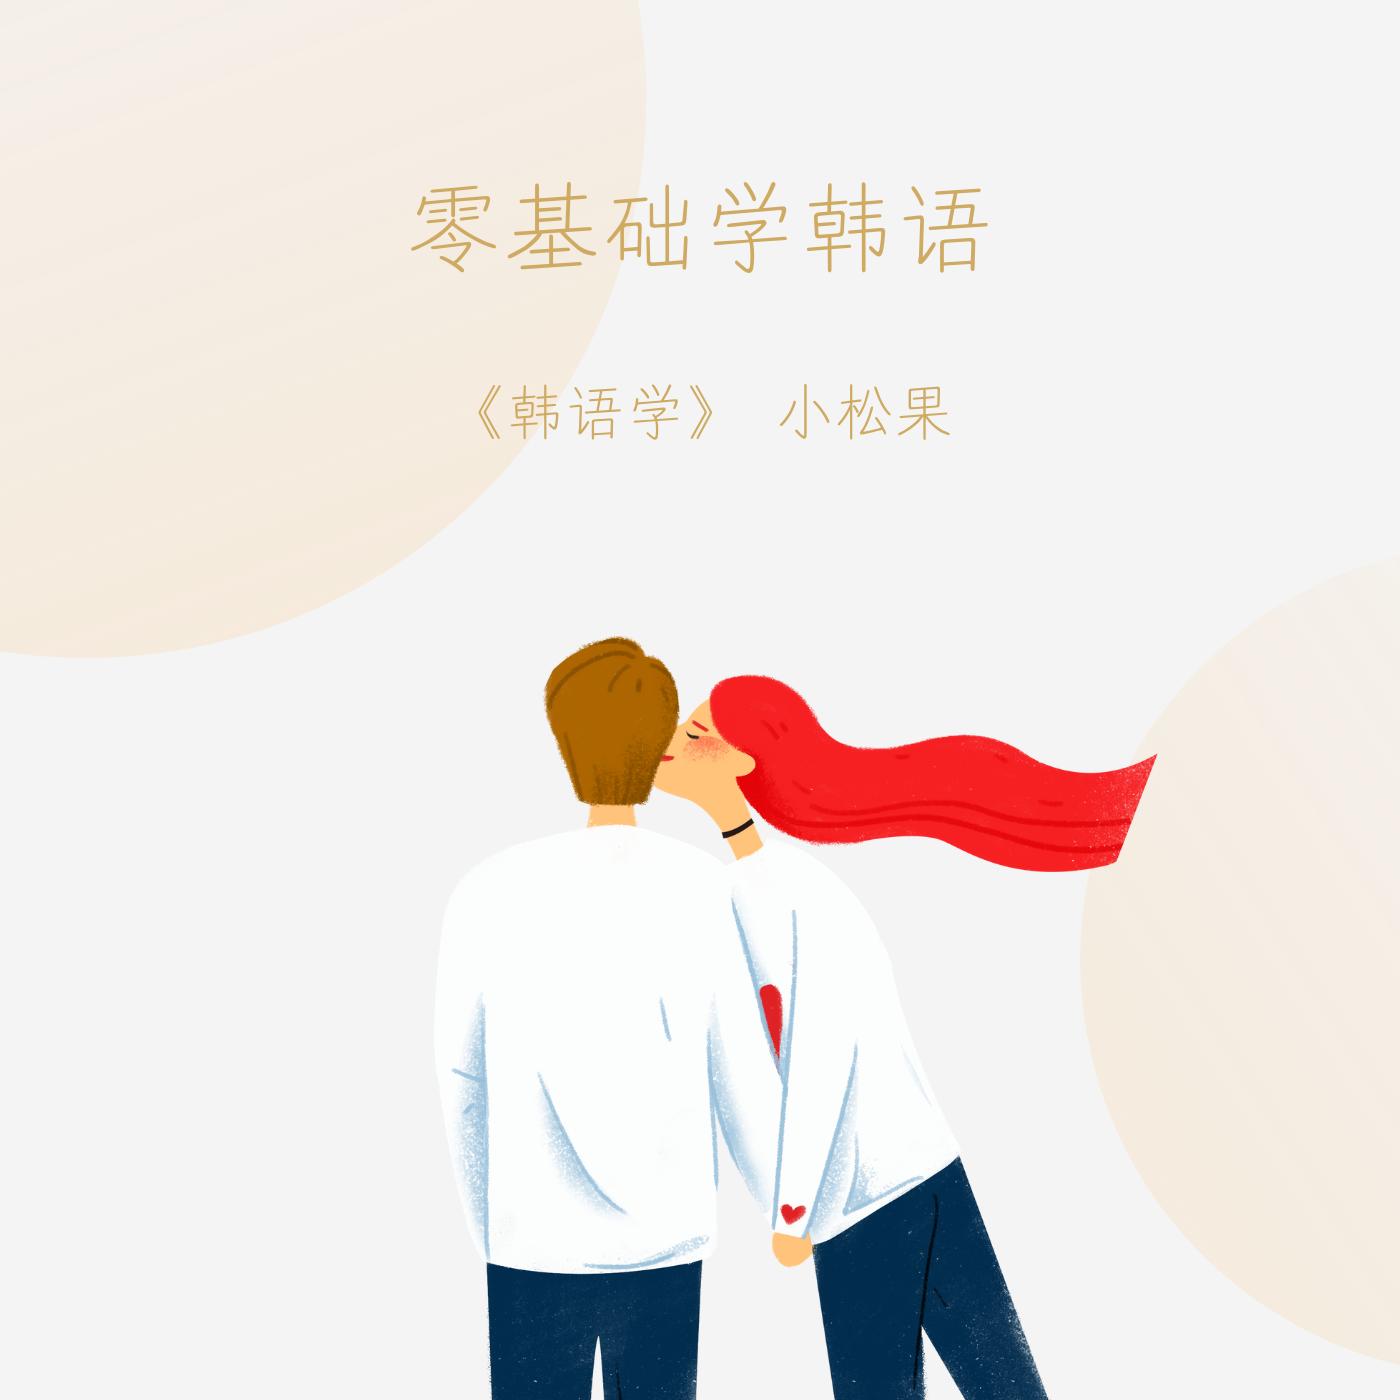 韩语学习|阿姝老师带你零基础学韩语